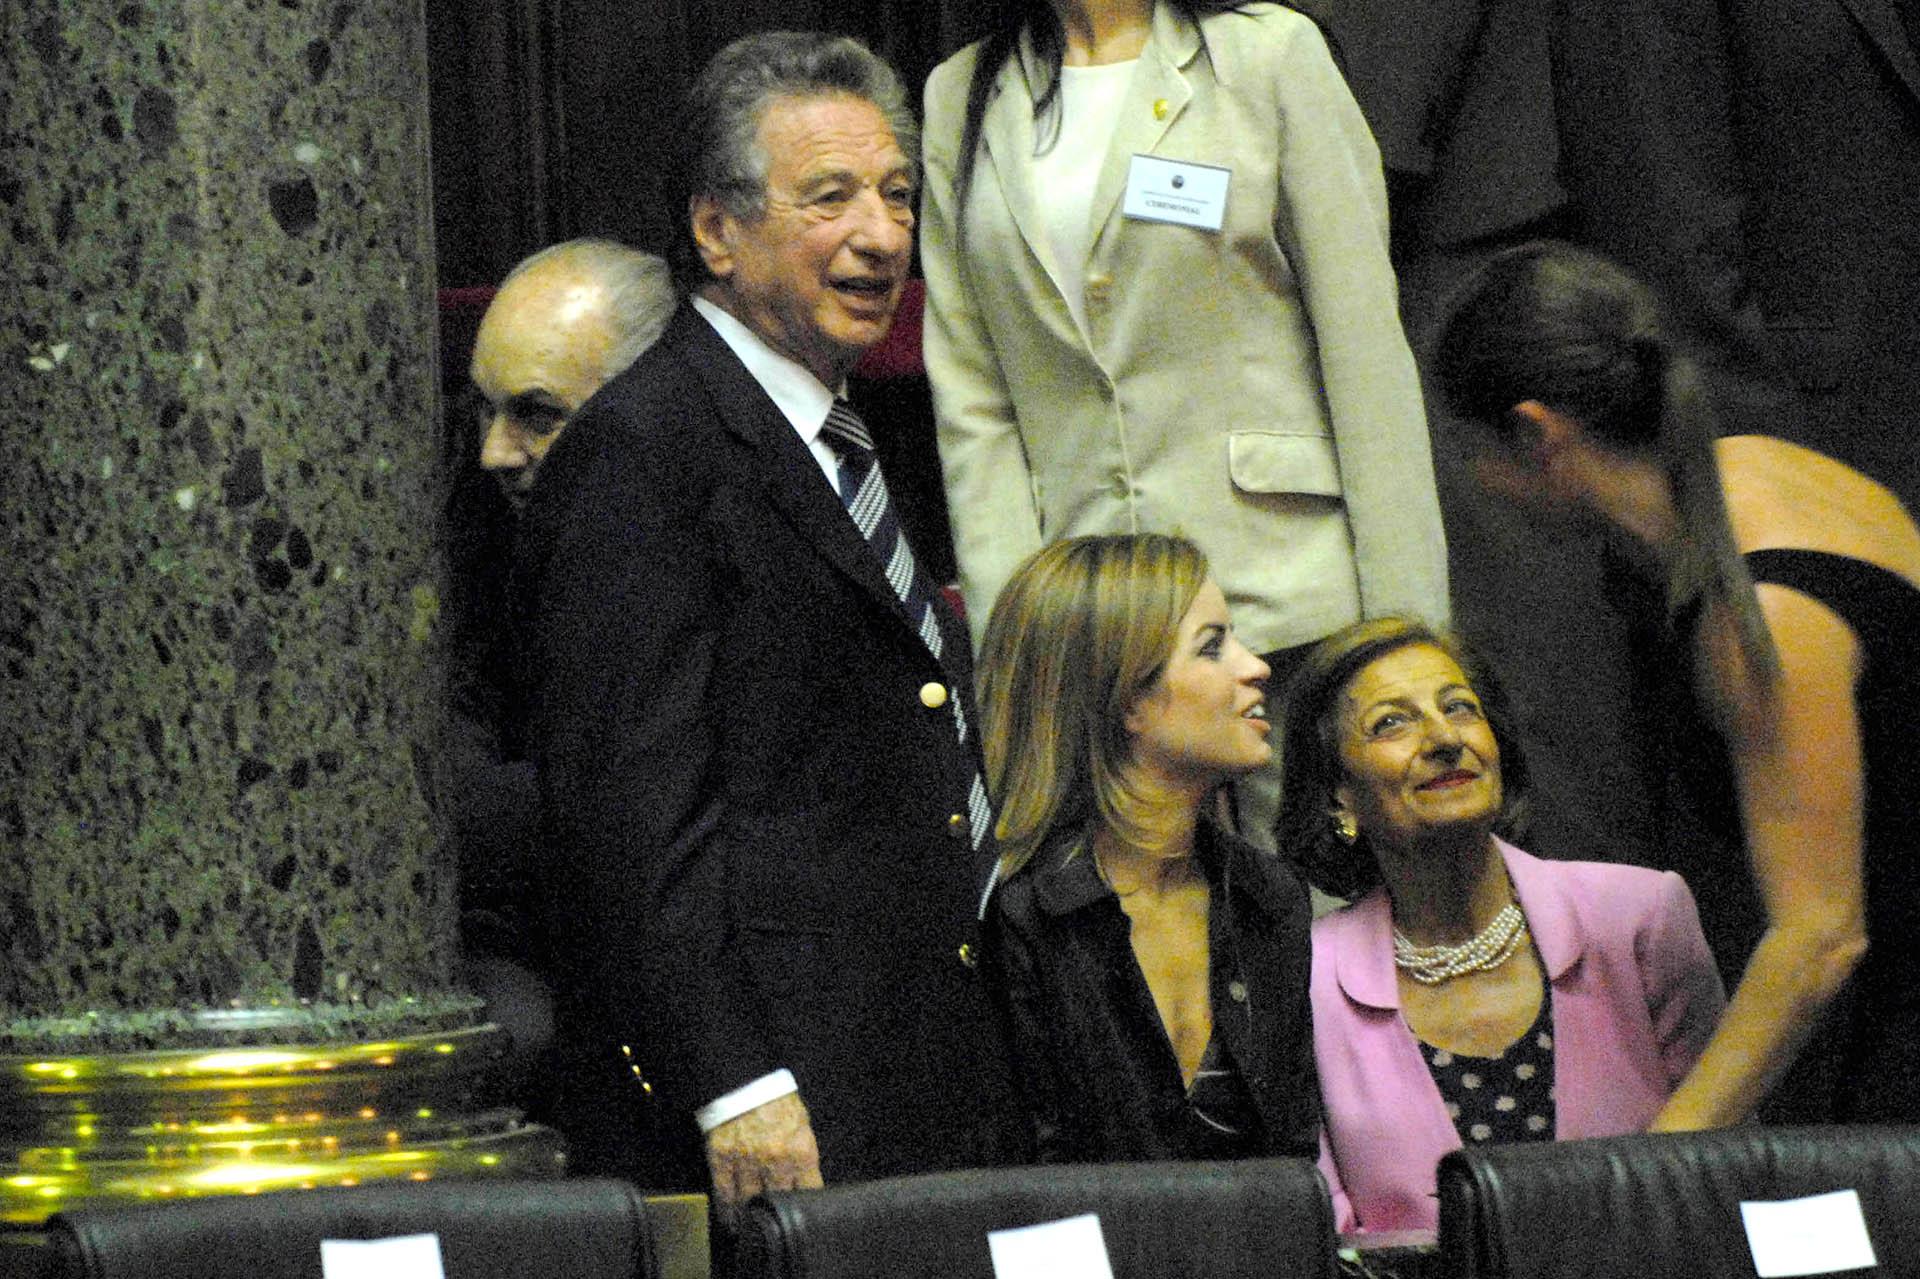 Durante su trayectoria en el mundo de los negocios, Franco Macri condujo distintas entidades empresarias, como la Unión Argentina de la Construcción, la Cámara Argentina de la Construcción y la Asociación de Fabricantes de Autos (Télam)